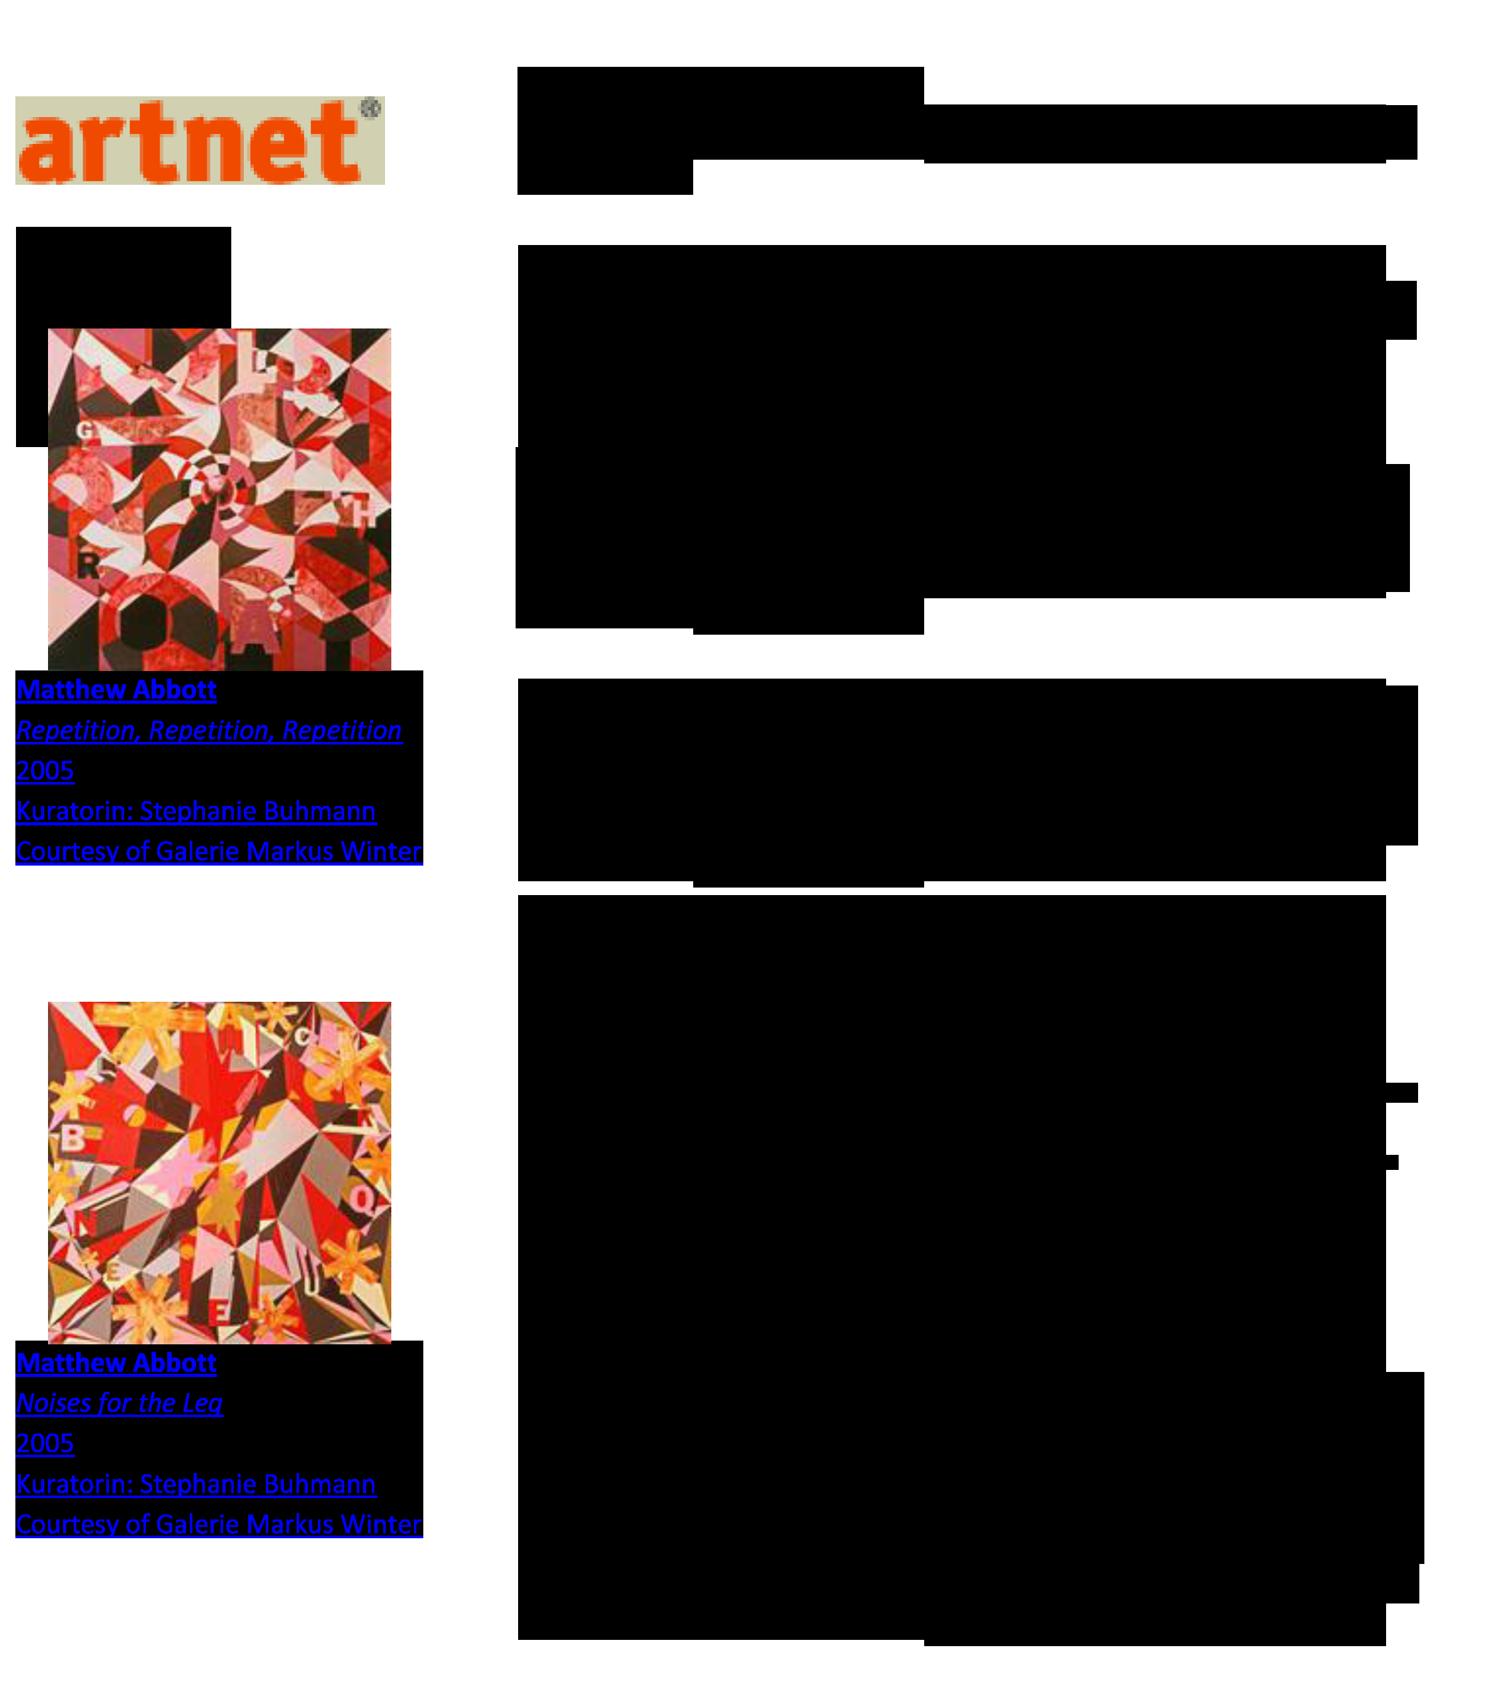 Artnet_2006.png